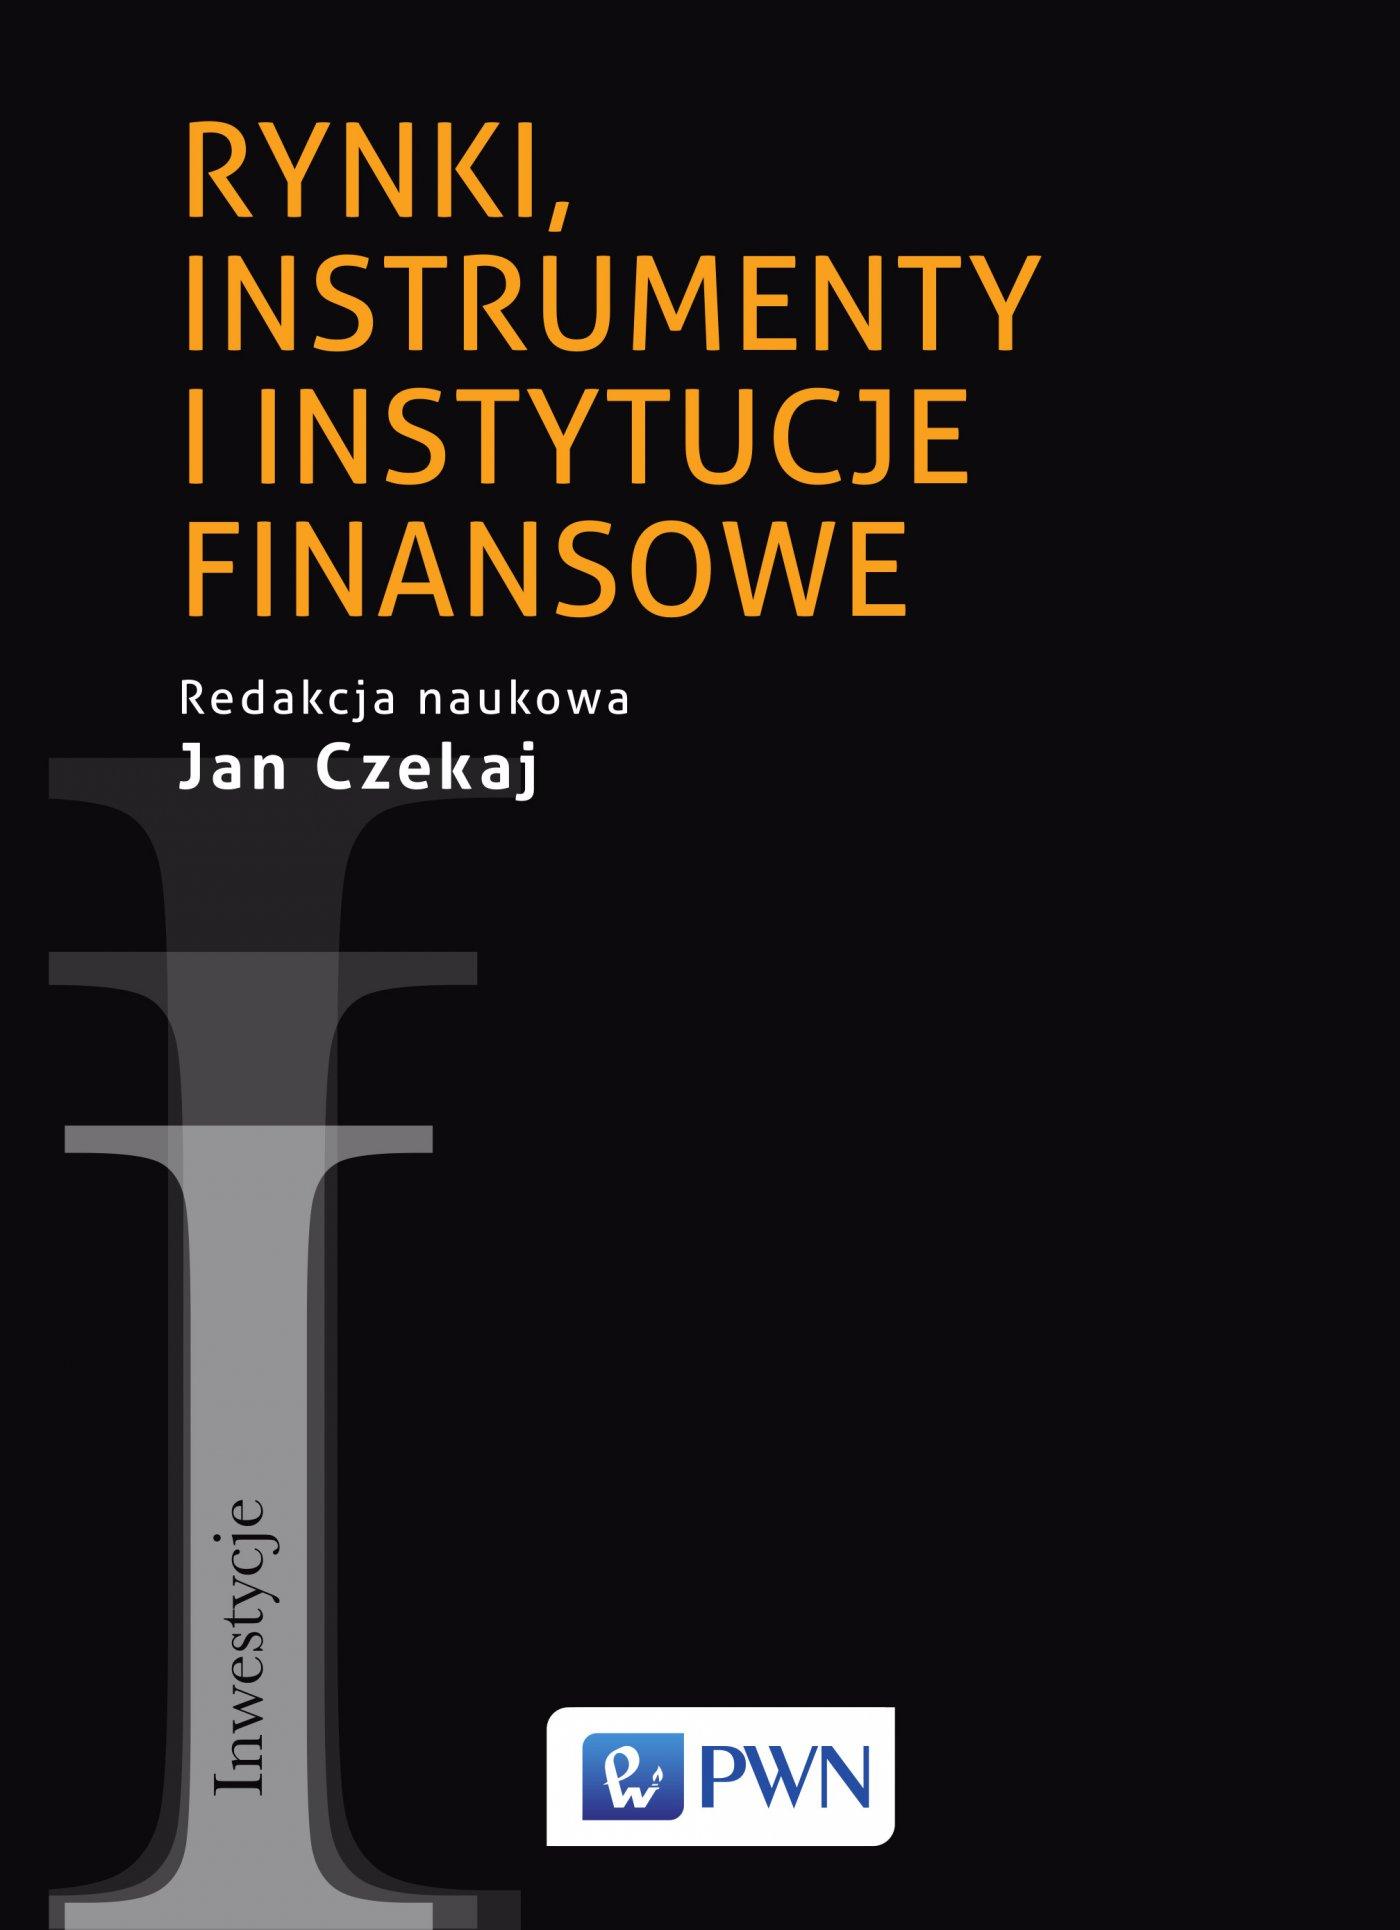 Rynki, instrumenty i instytucje finansowe - Ebook (Książka EPUB) do pobrania w formacie EPUB